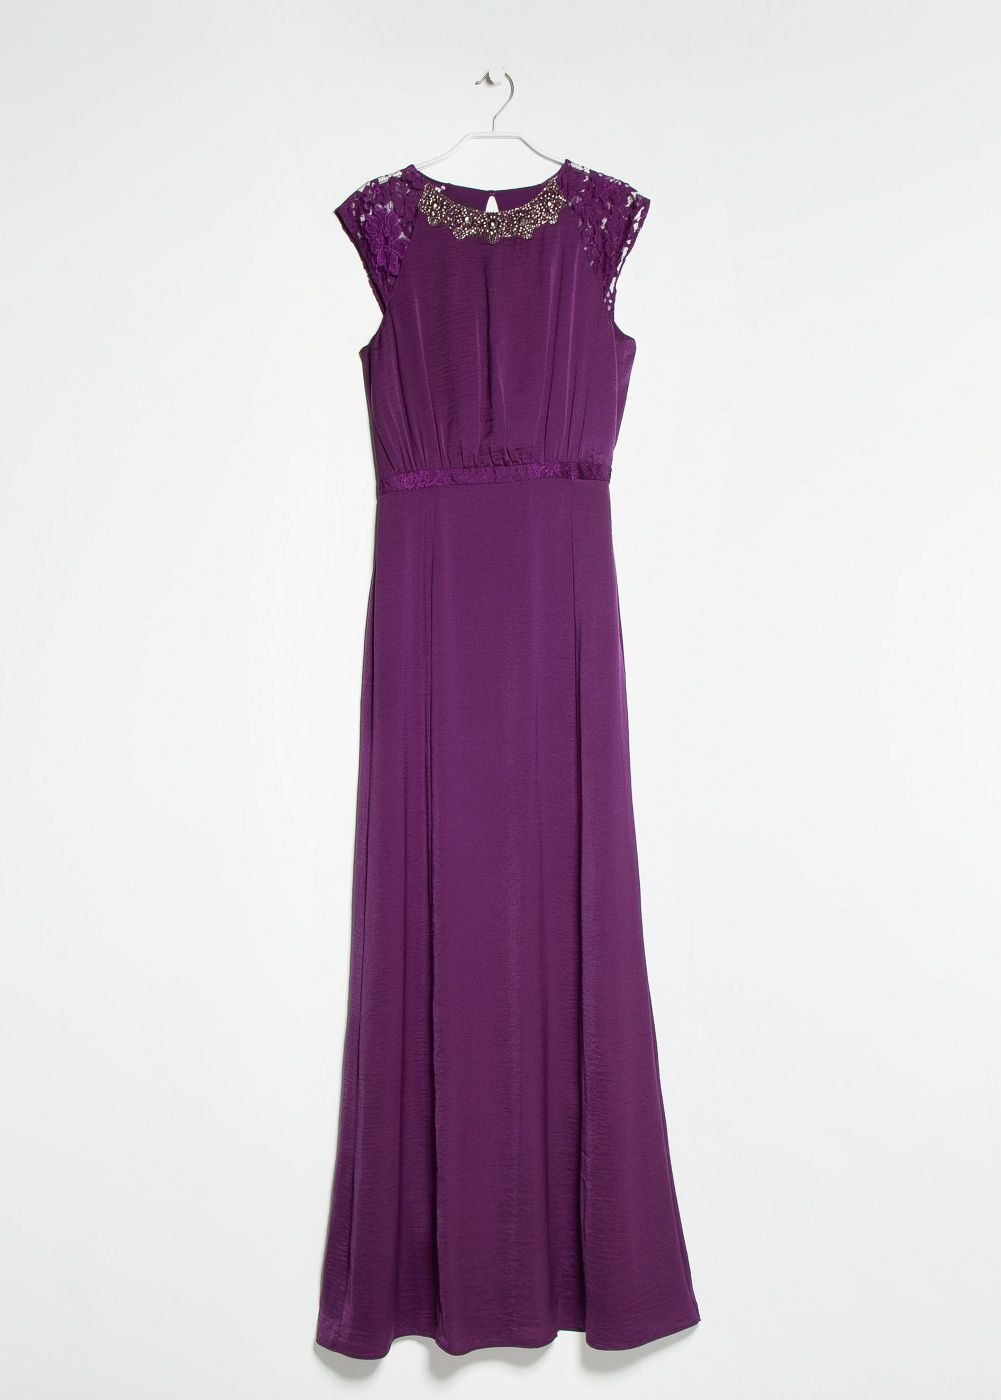 Vestido largo abalorios - Mujer | Abalorios, La espalda y Vestido largo